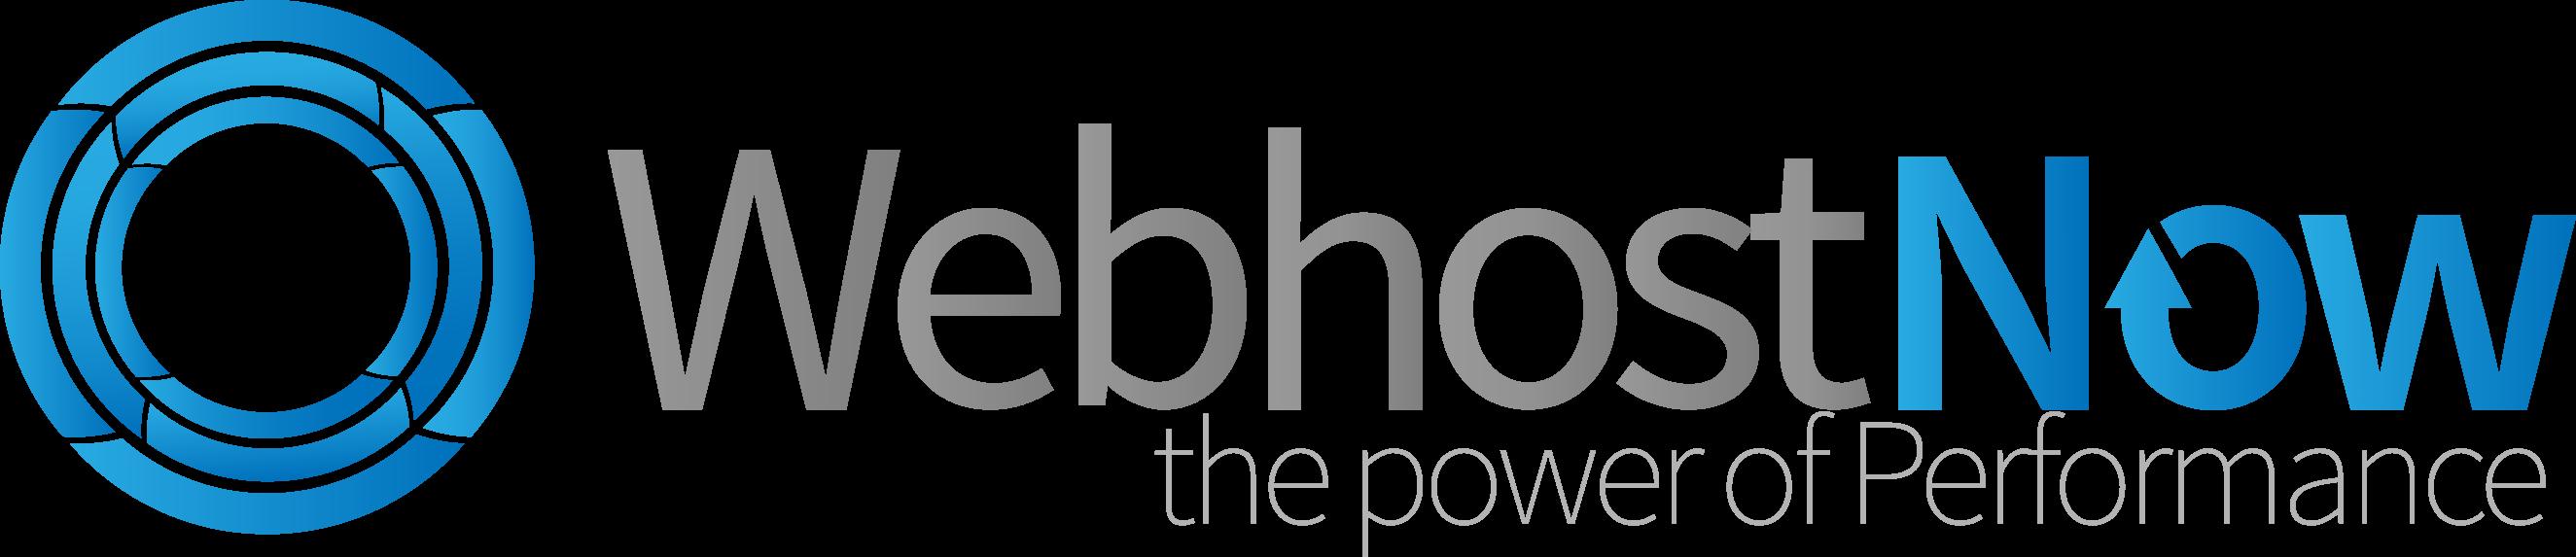 WebhostNow